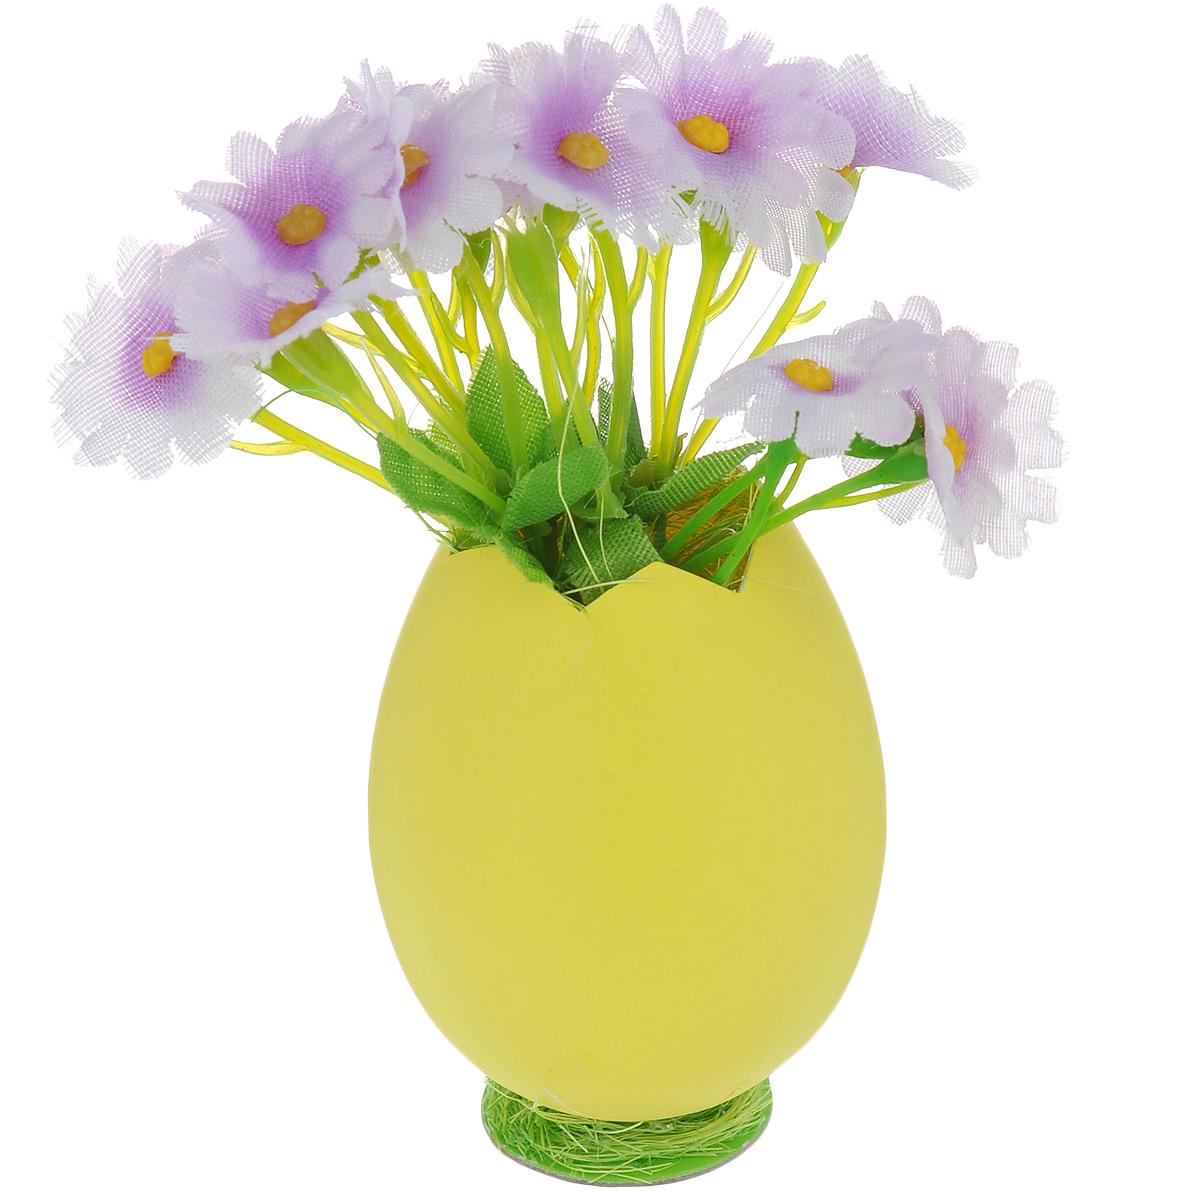 Декоративное украшение Home Queen Цветы в скорлупе, цвет: желтый, сиреневый, 5 х 11 см58246_5Декоративное украшение Home Queen Цветы в скорлупе выполнено из пластика и полиэстера в виде композиции из яичной скорлупы и цветов. Такое украшение прекрасно оформит интерьер дома или станет замечательным подарком для друзей и близких на Пасху. Размер: 5 см х 11 см х 5 см.